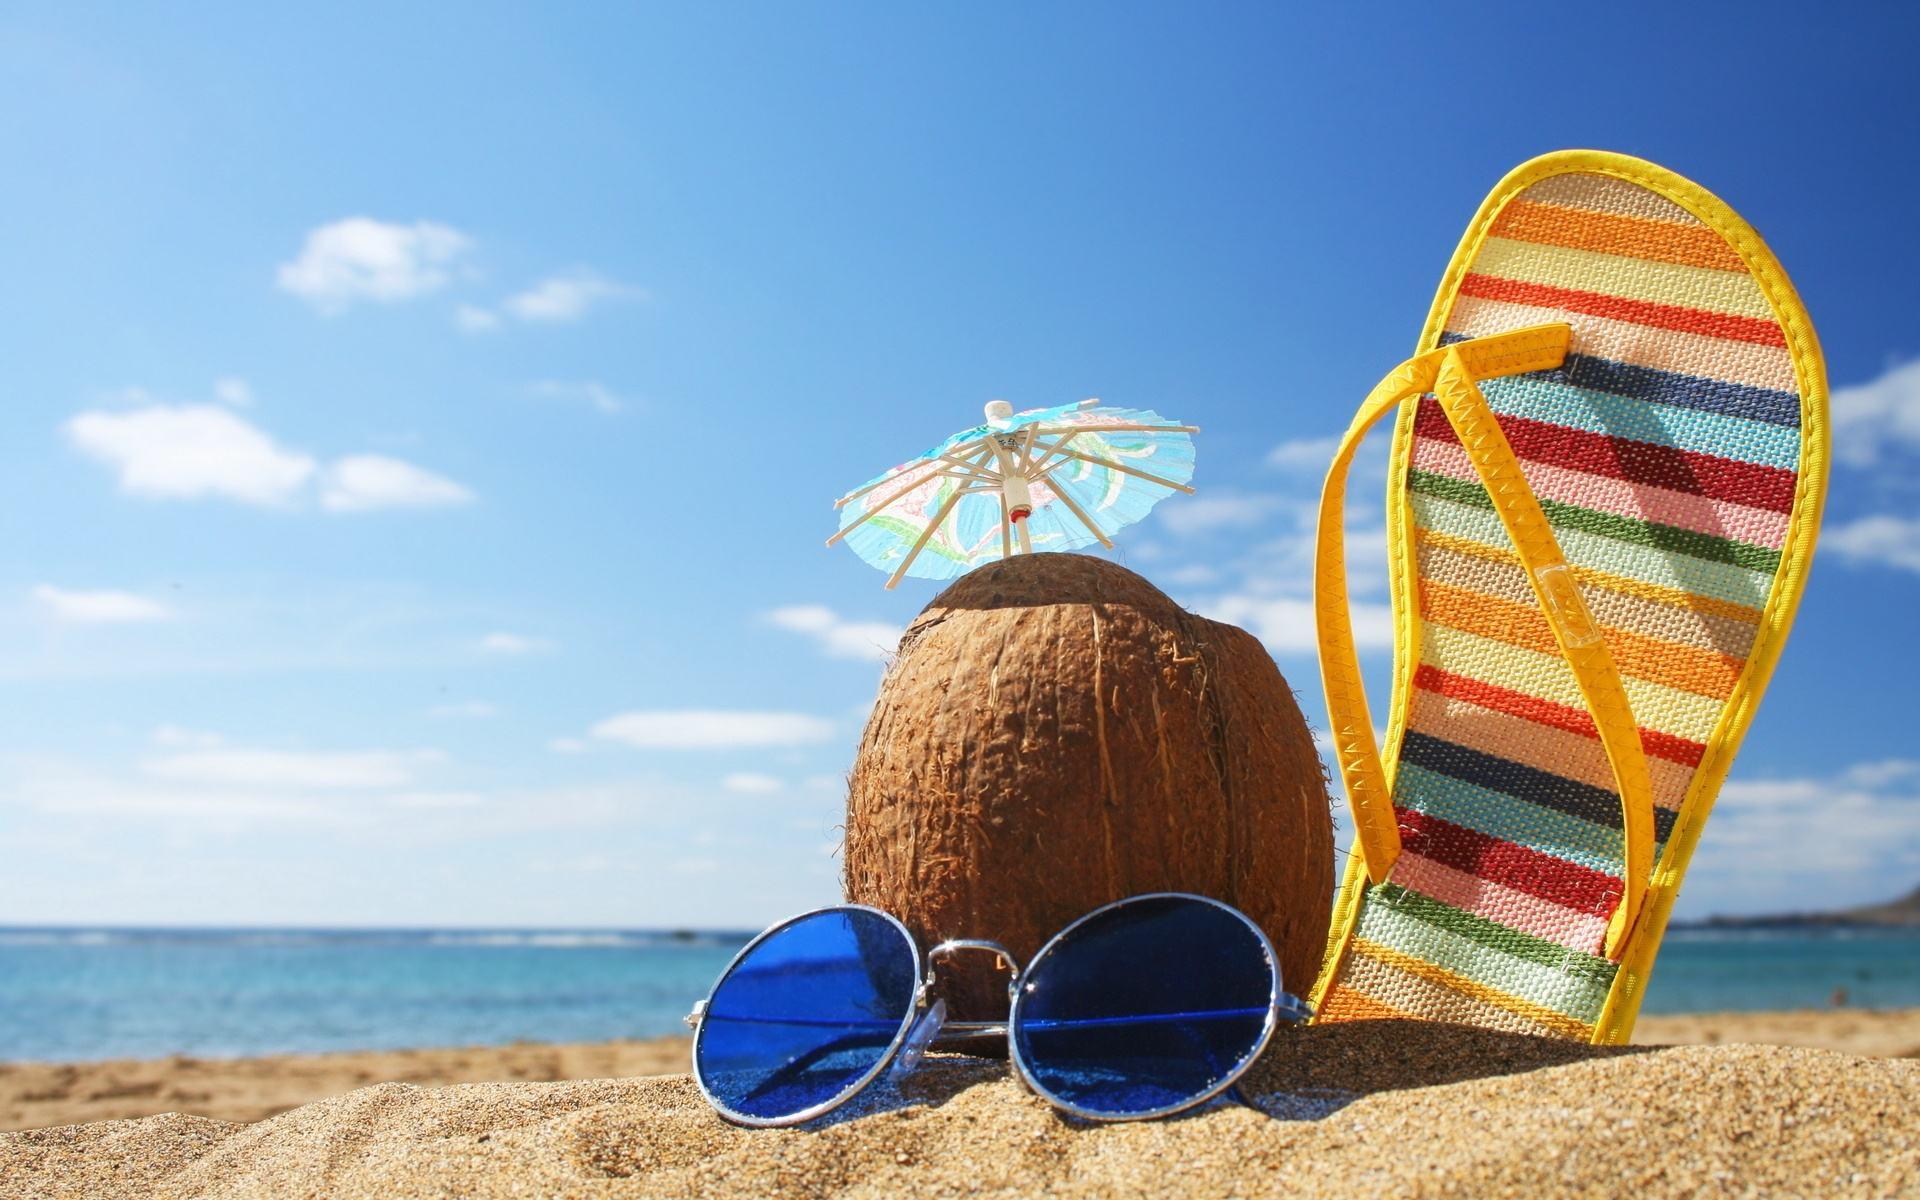 Lugares Baratos para Visitar no Verão